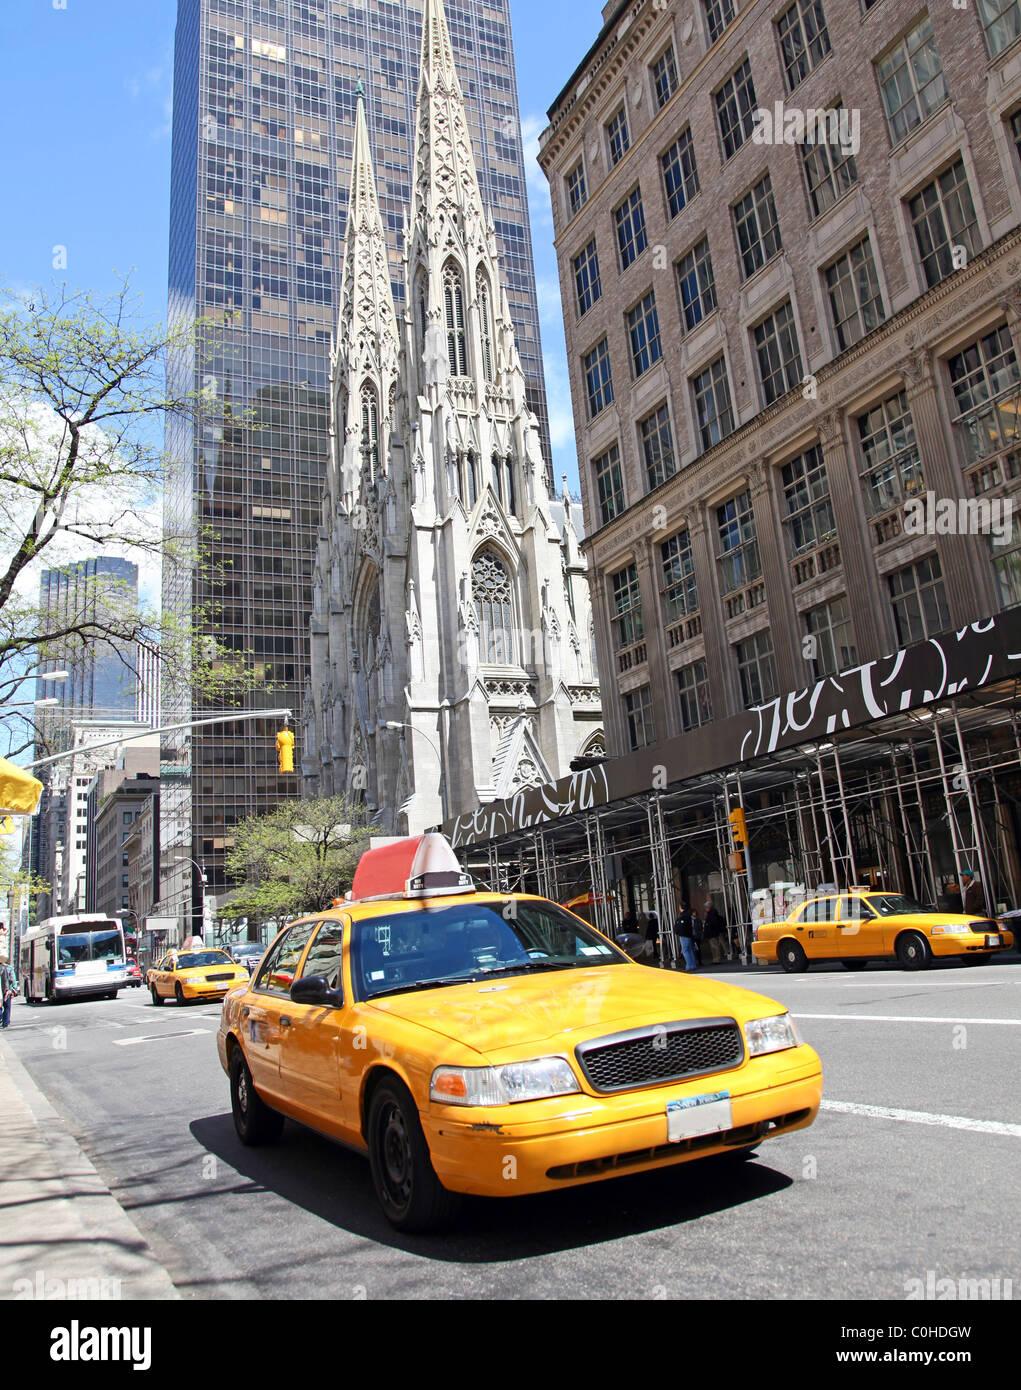 La ciudad de Nueva York escena callejera con St Patricks y taxis amarillos Imagen De Stock